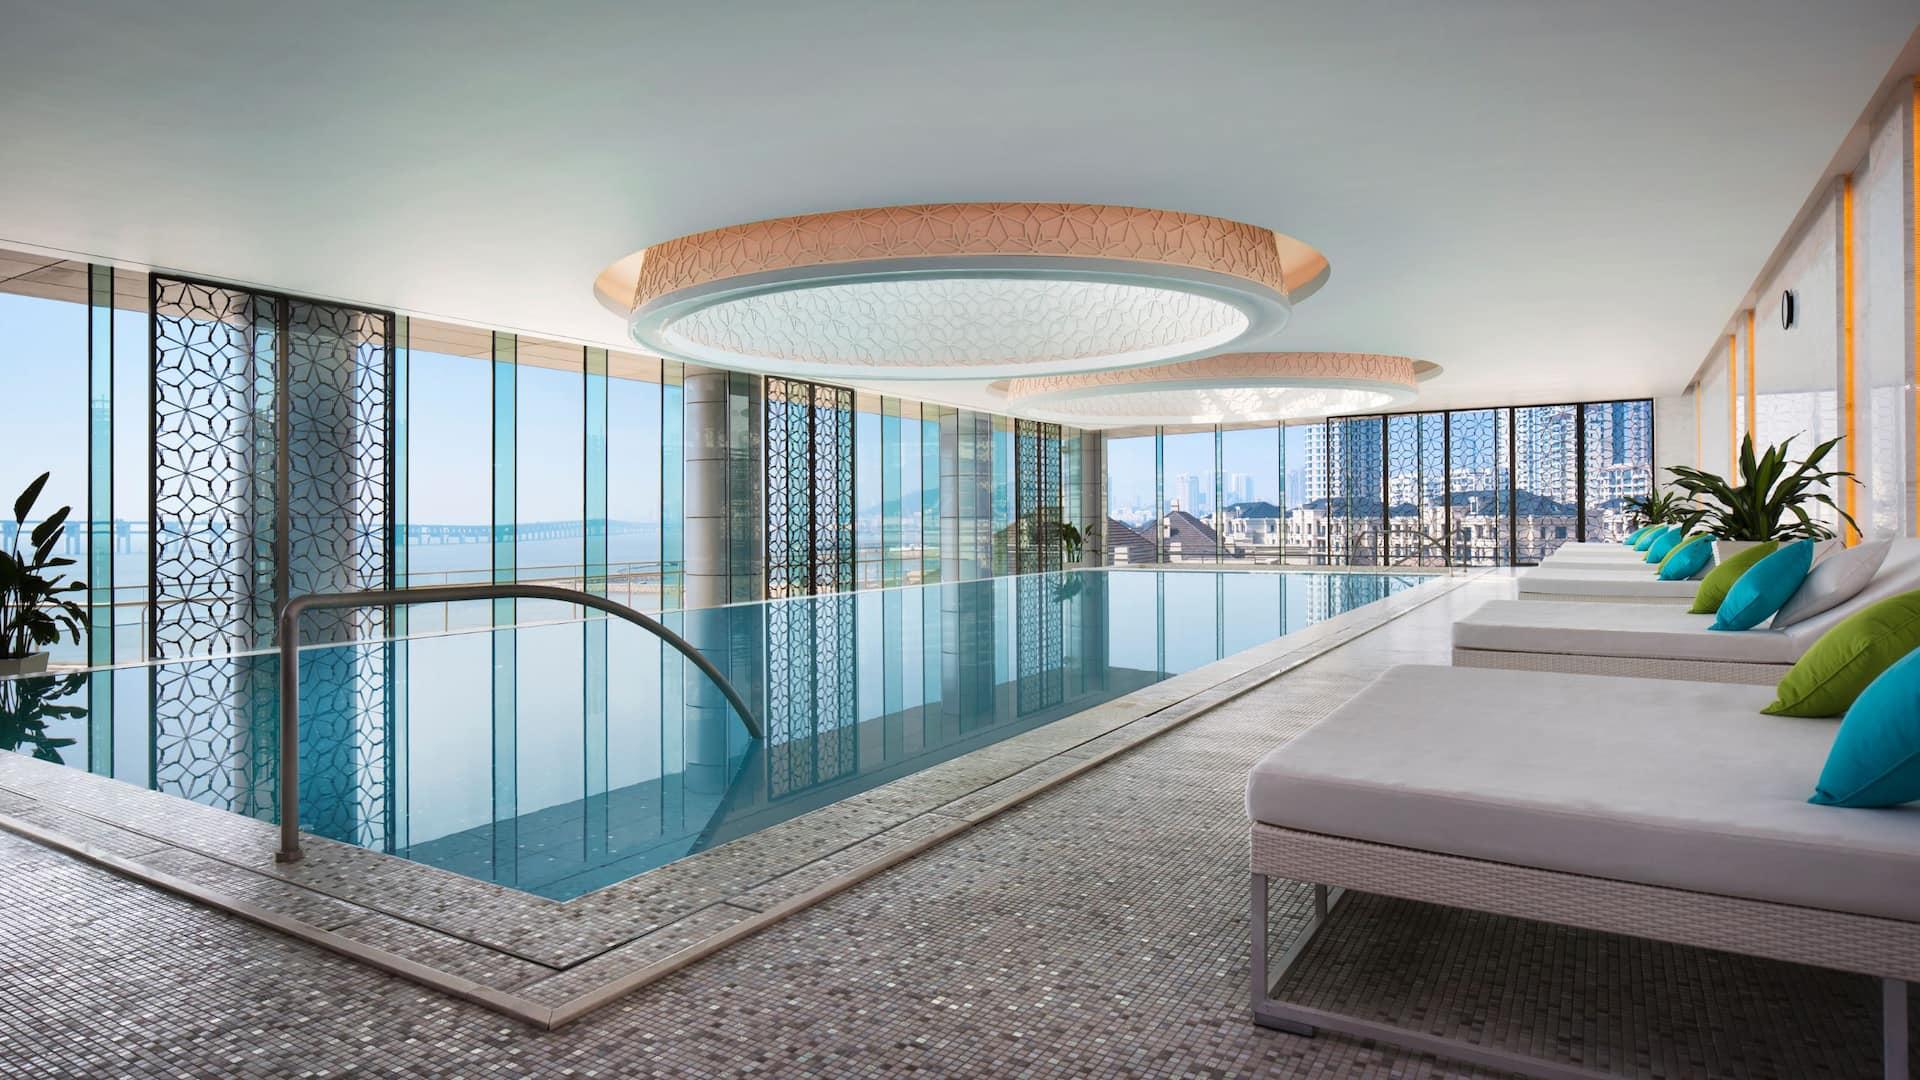 Grand Hyatt Dalian Pool